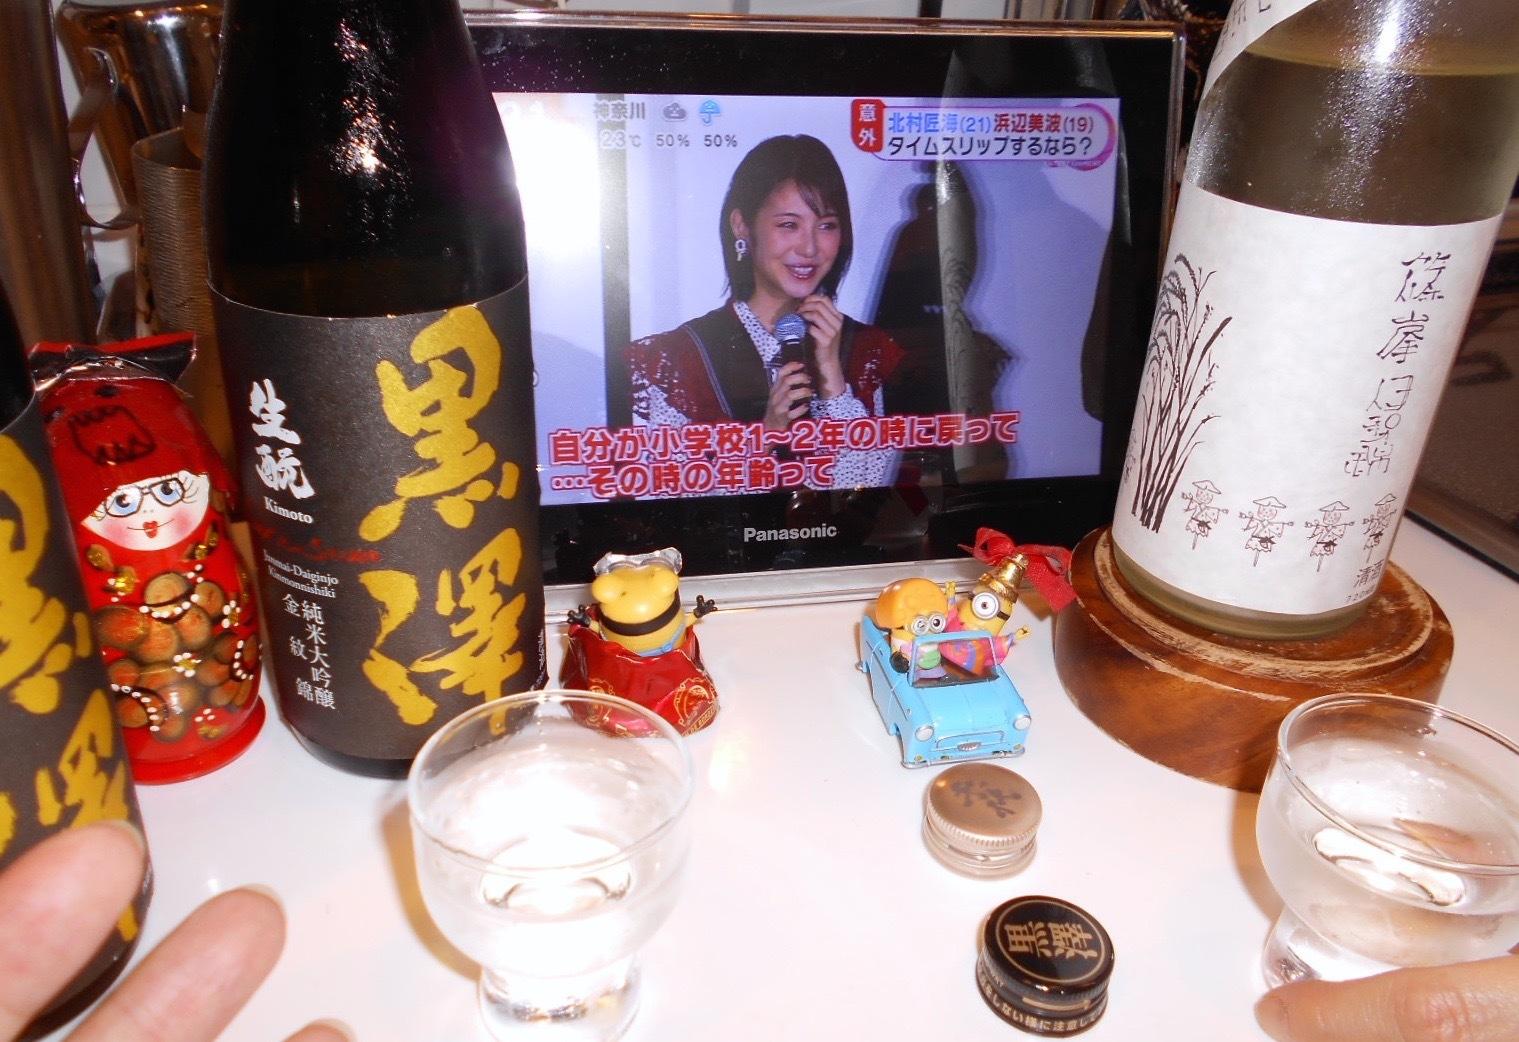 kurosawa_kinmon29by2_3.jpg